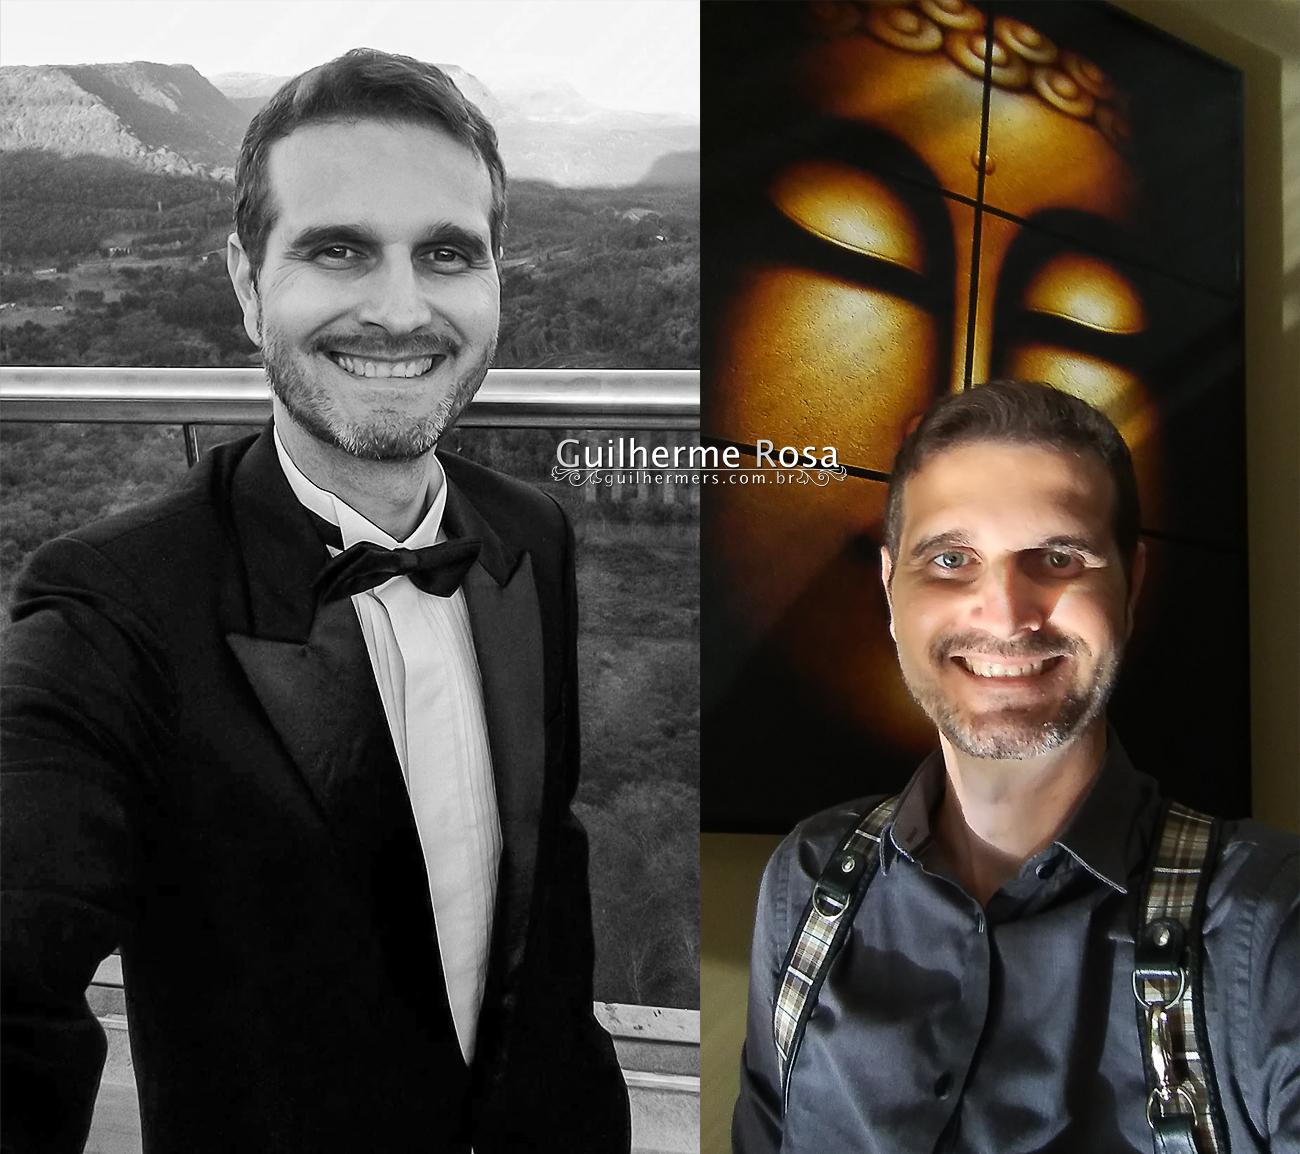 Sobre Guilherme Rosa fotógrafo em Porto Alegre - RS.